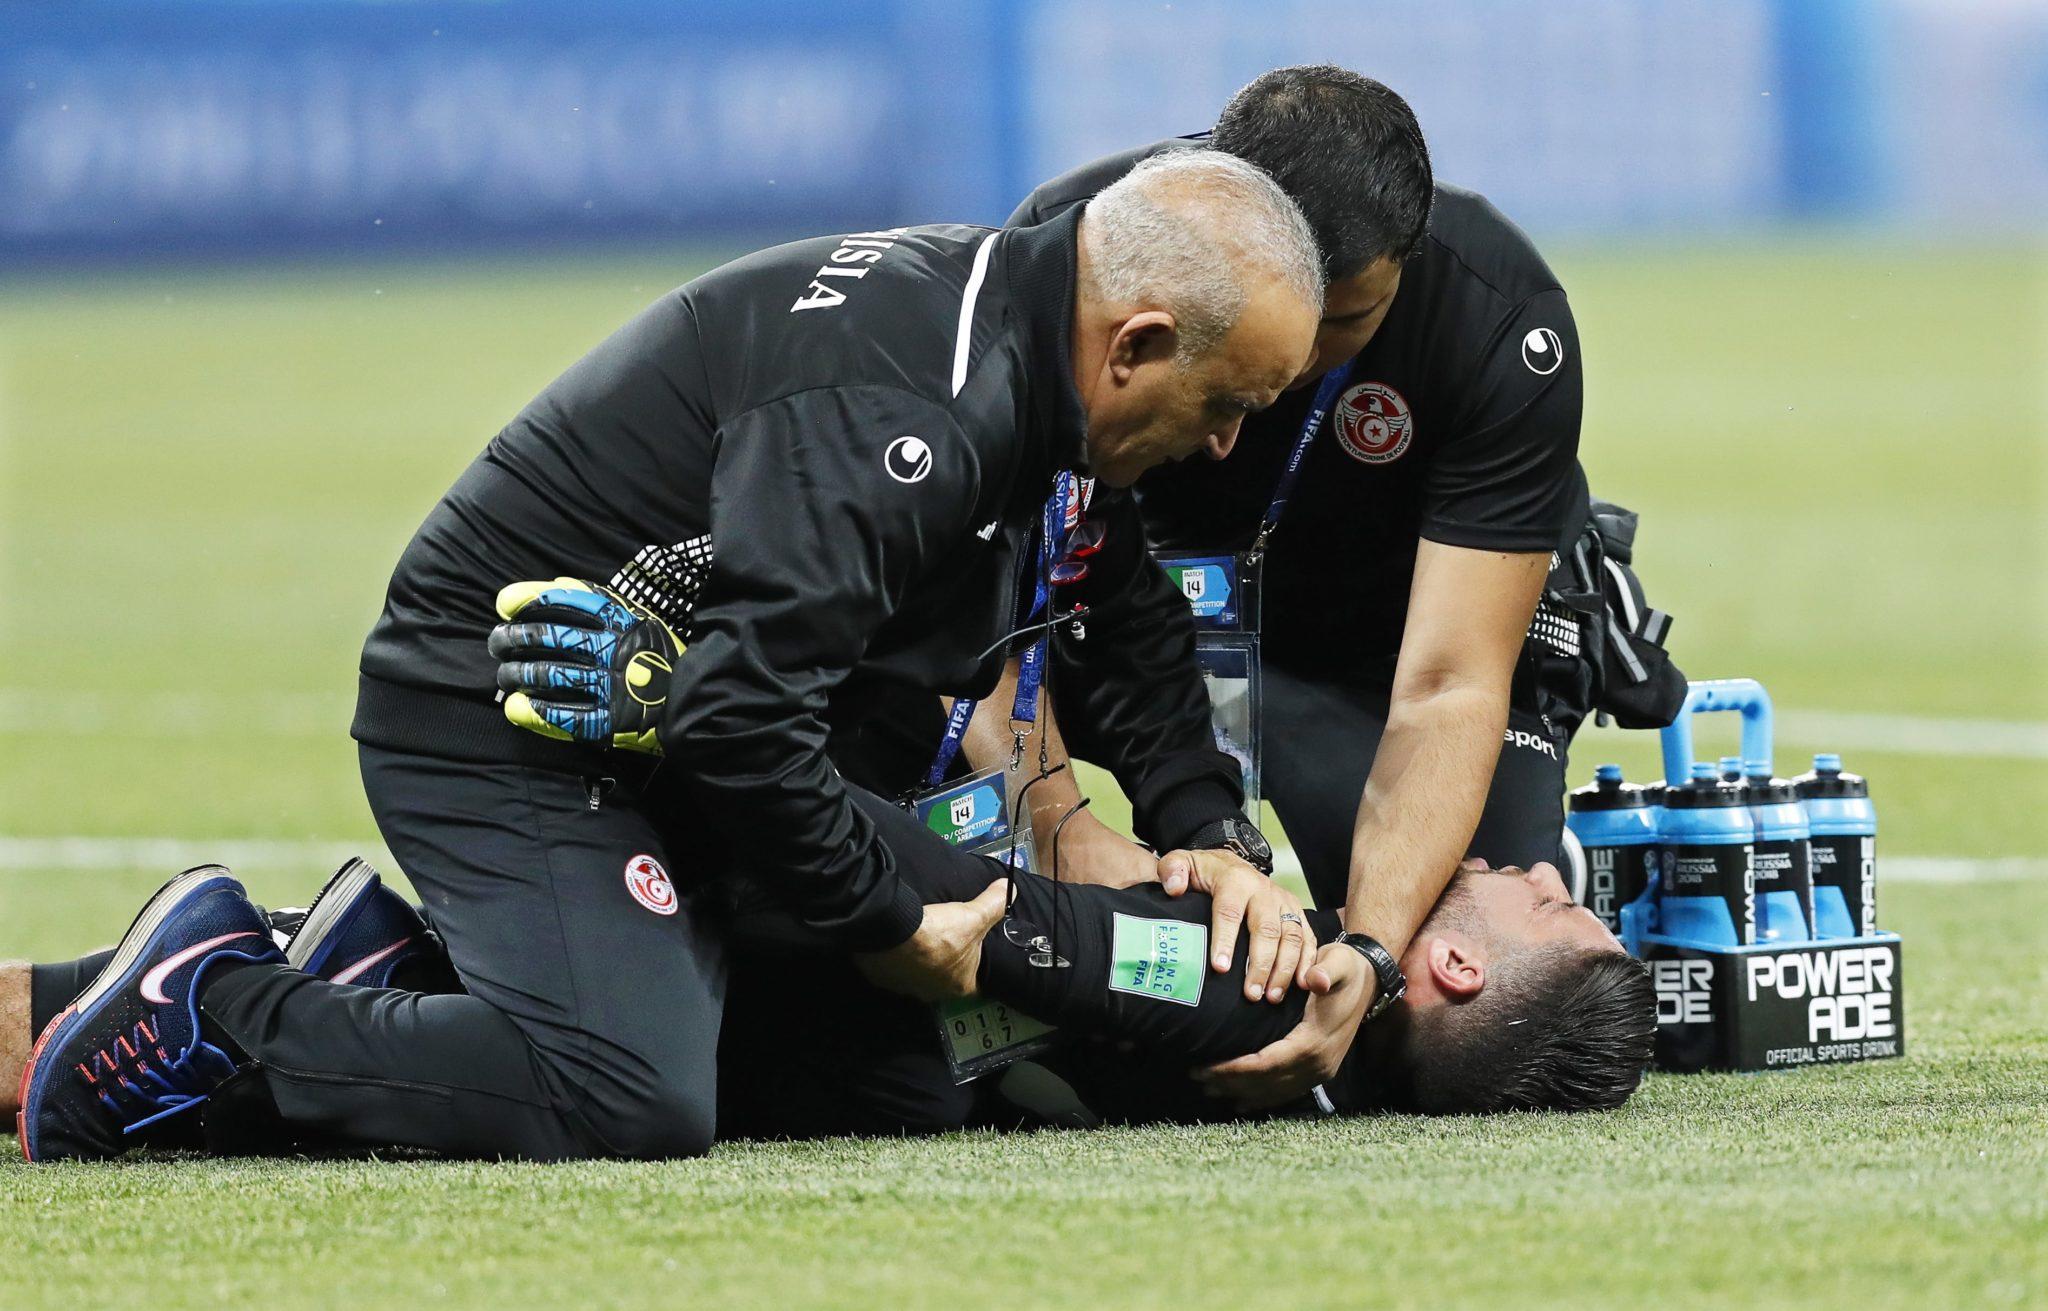 Bramkarz Tunezji Mouez Hassen otrzymuje pomoc medyczną po kontuzji podczas meczu grupy G (pomiędzy Tunezją i Anglią) w Wołgogradzie, fot: PAP/EPA